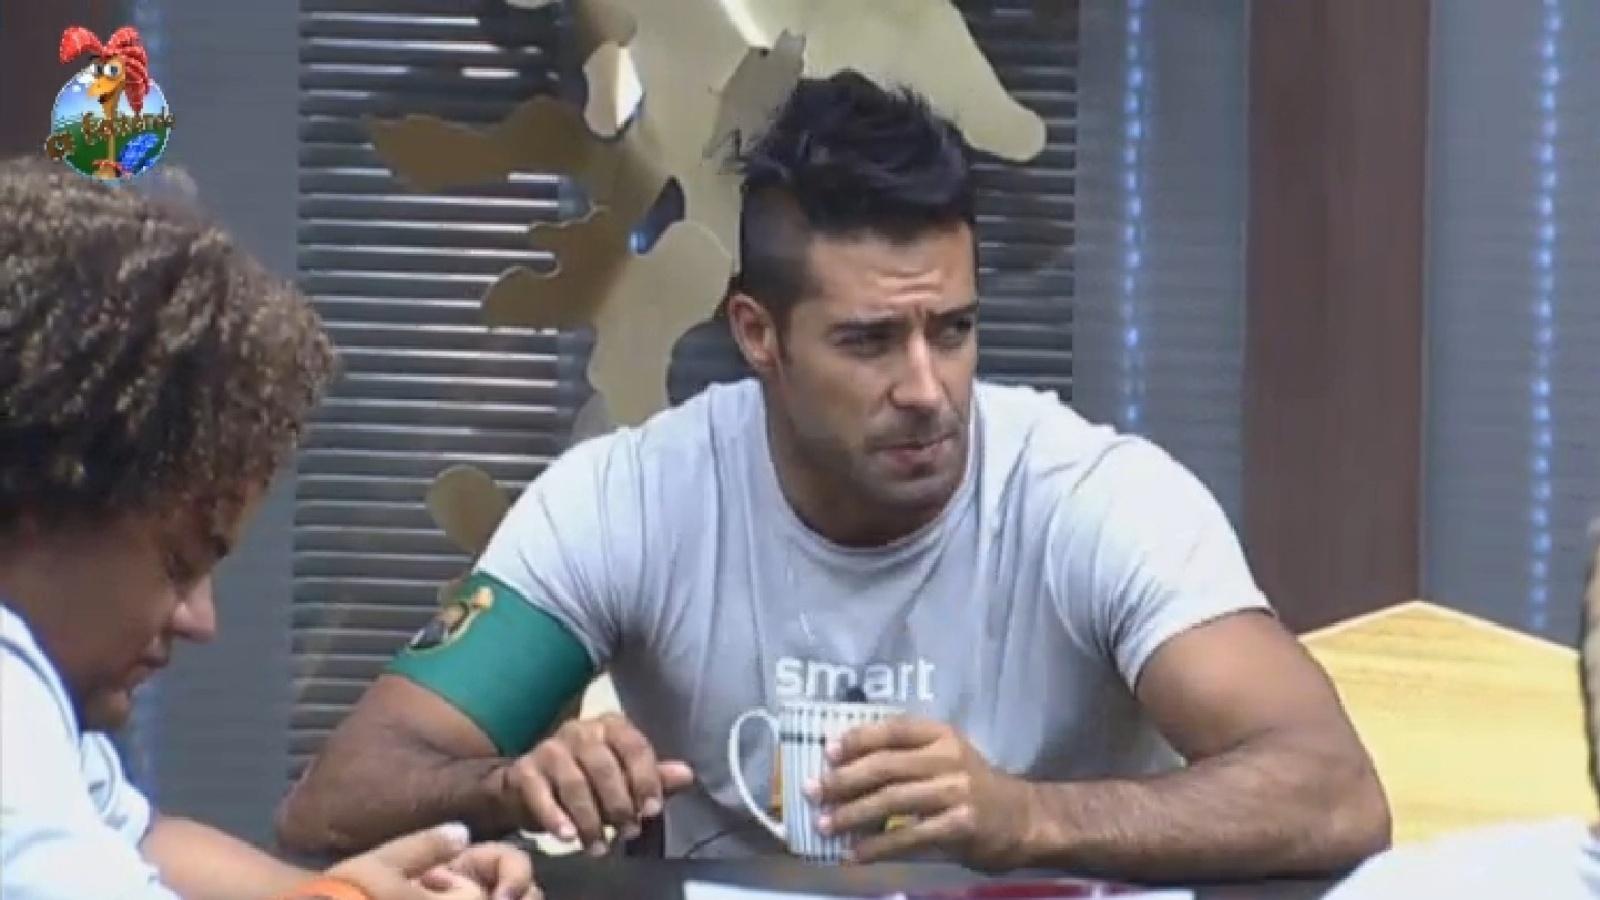 19.ago.2013 - Beto Malfacini toma café enquanto espera para realizar atividade em grupo nesta segunda-feira